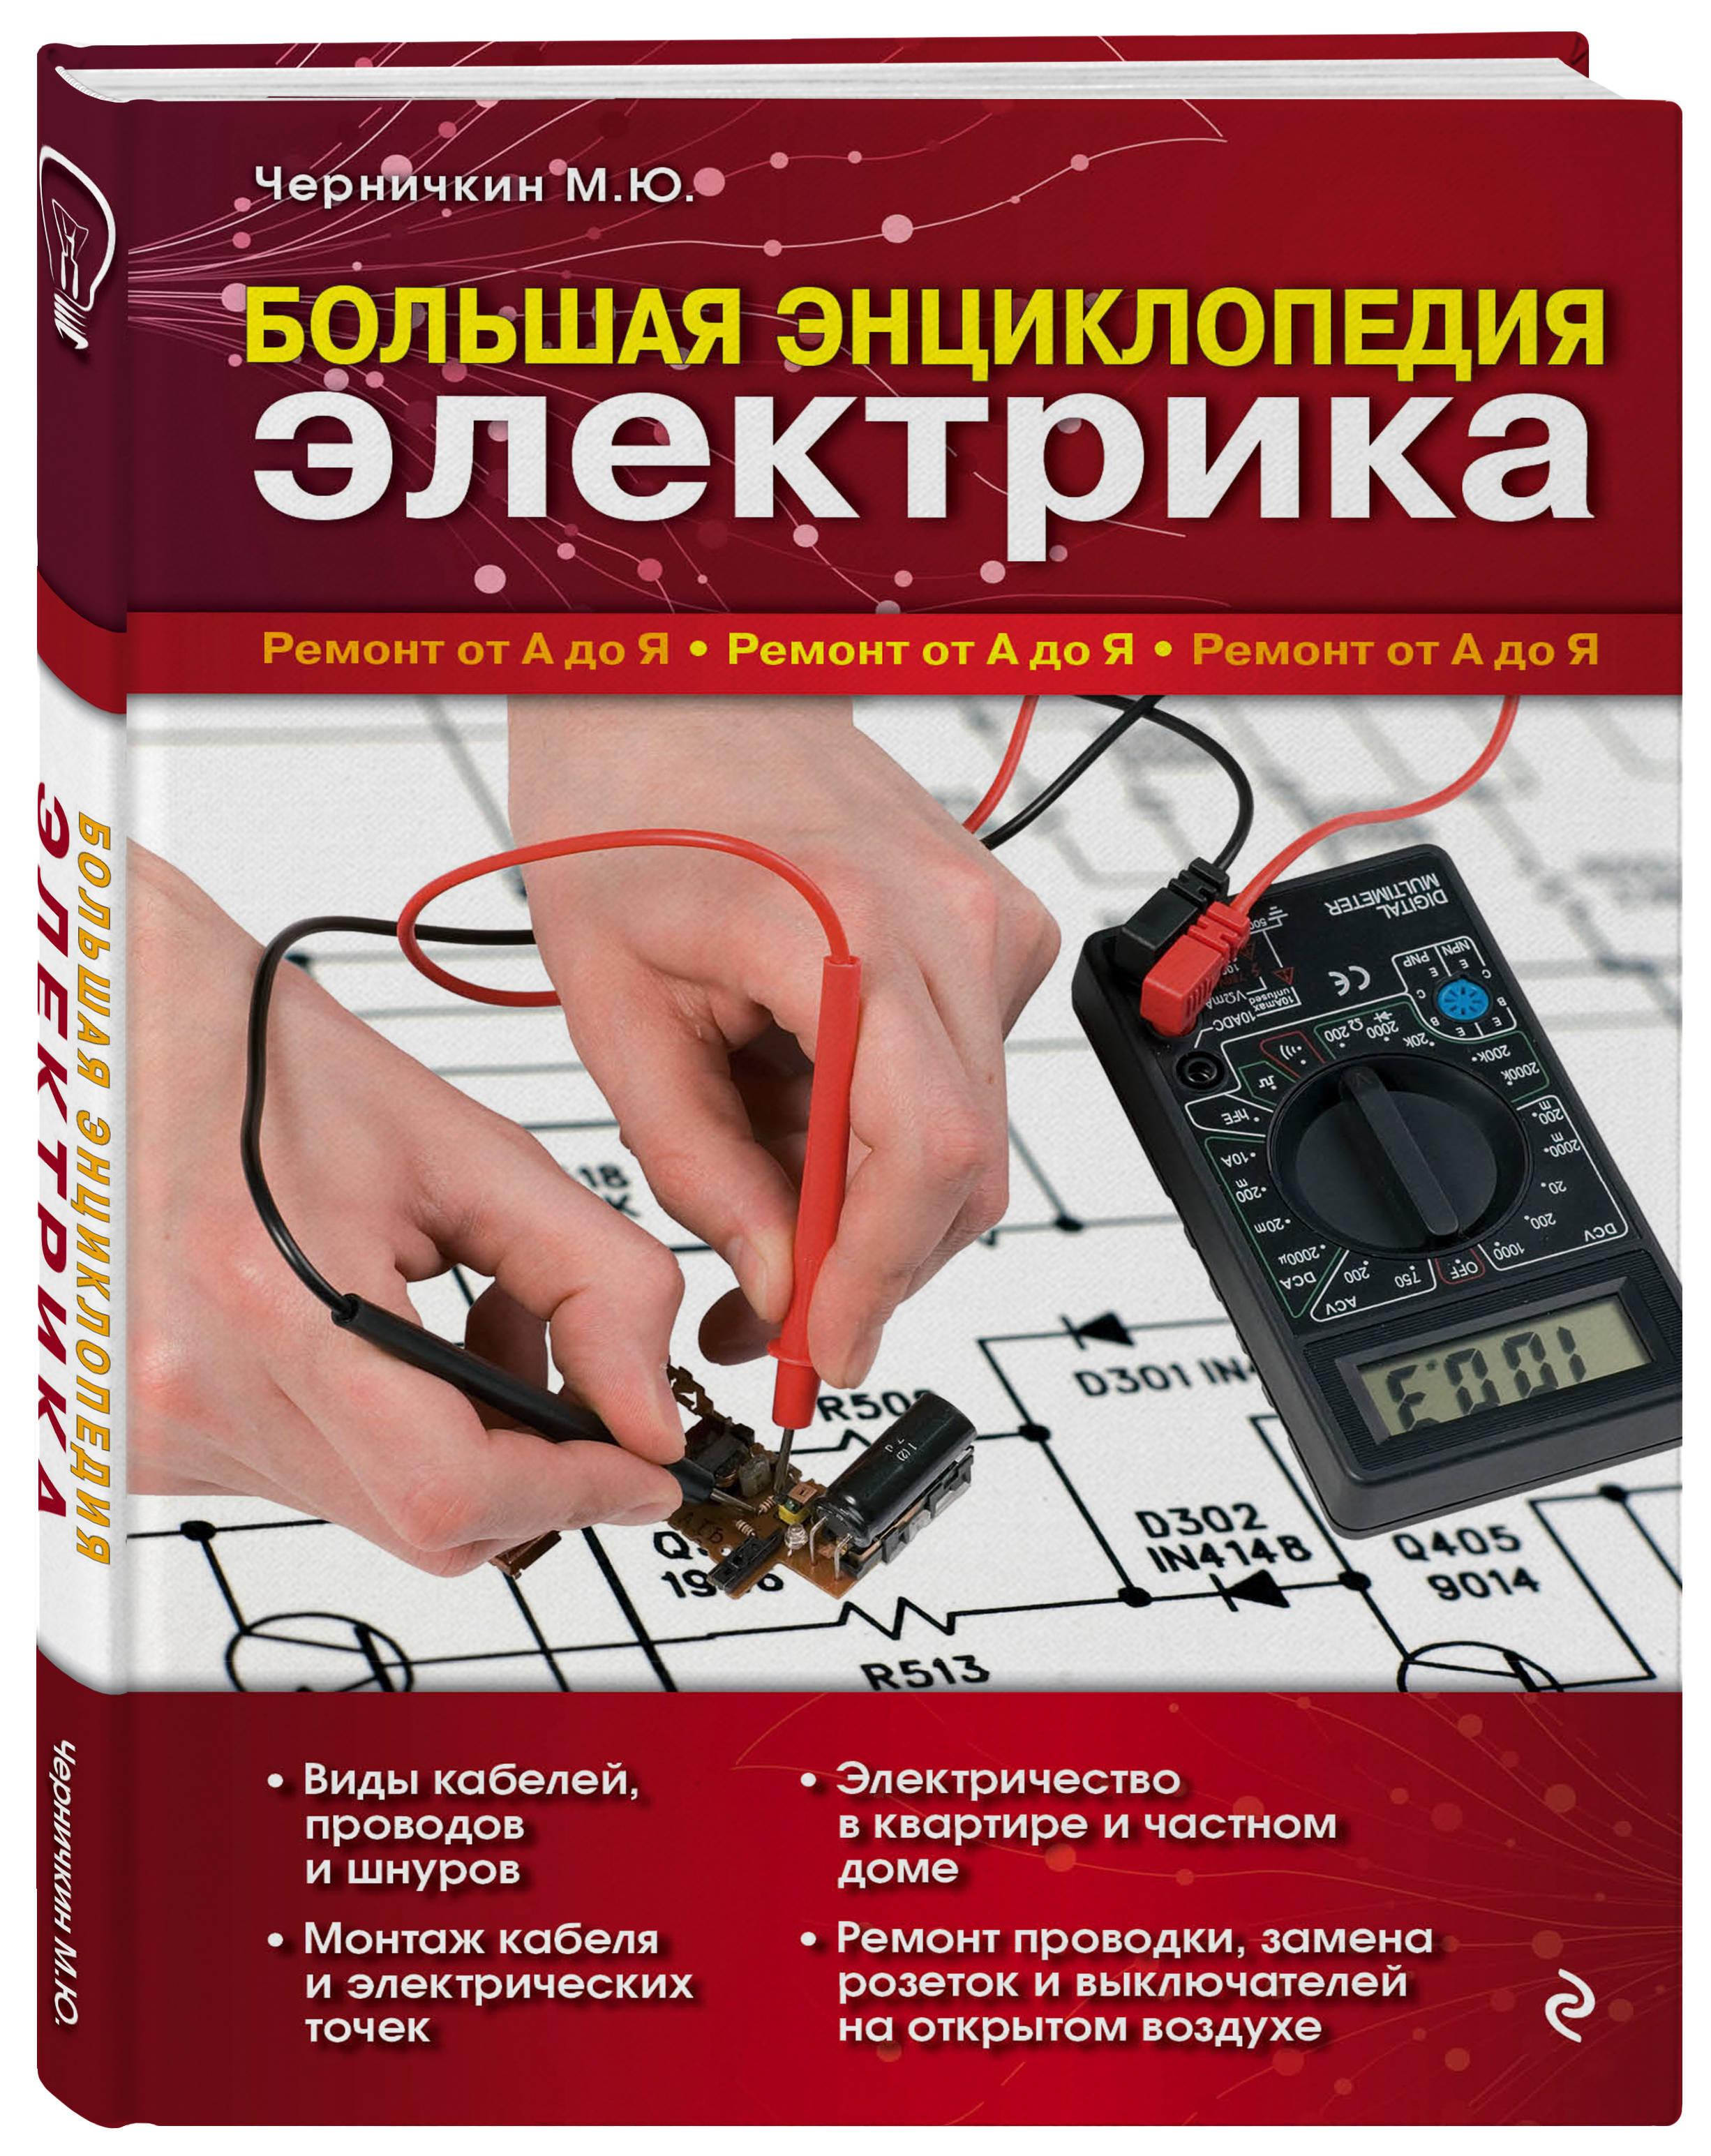 Черничкин М.Ю. Большая энциклопедия электрика